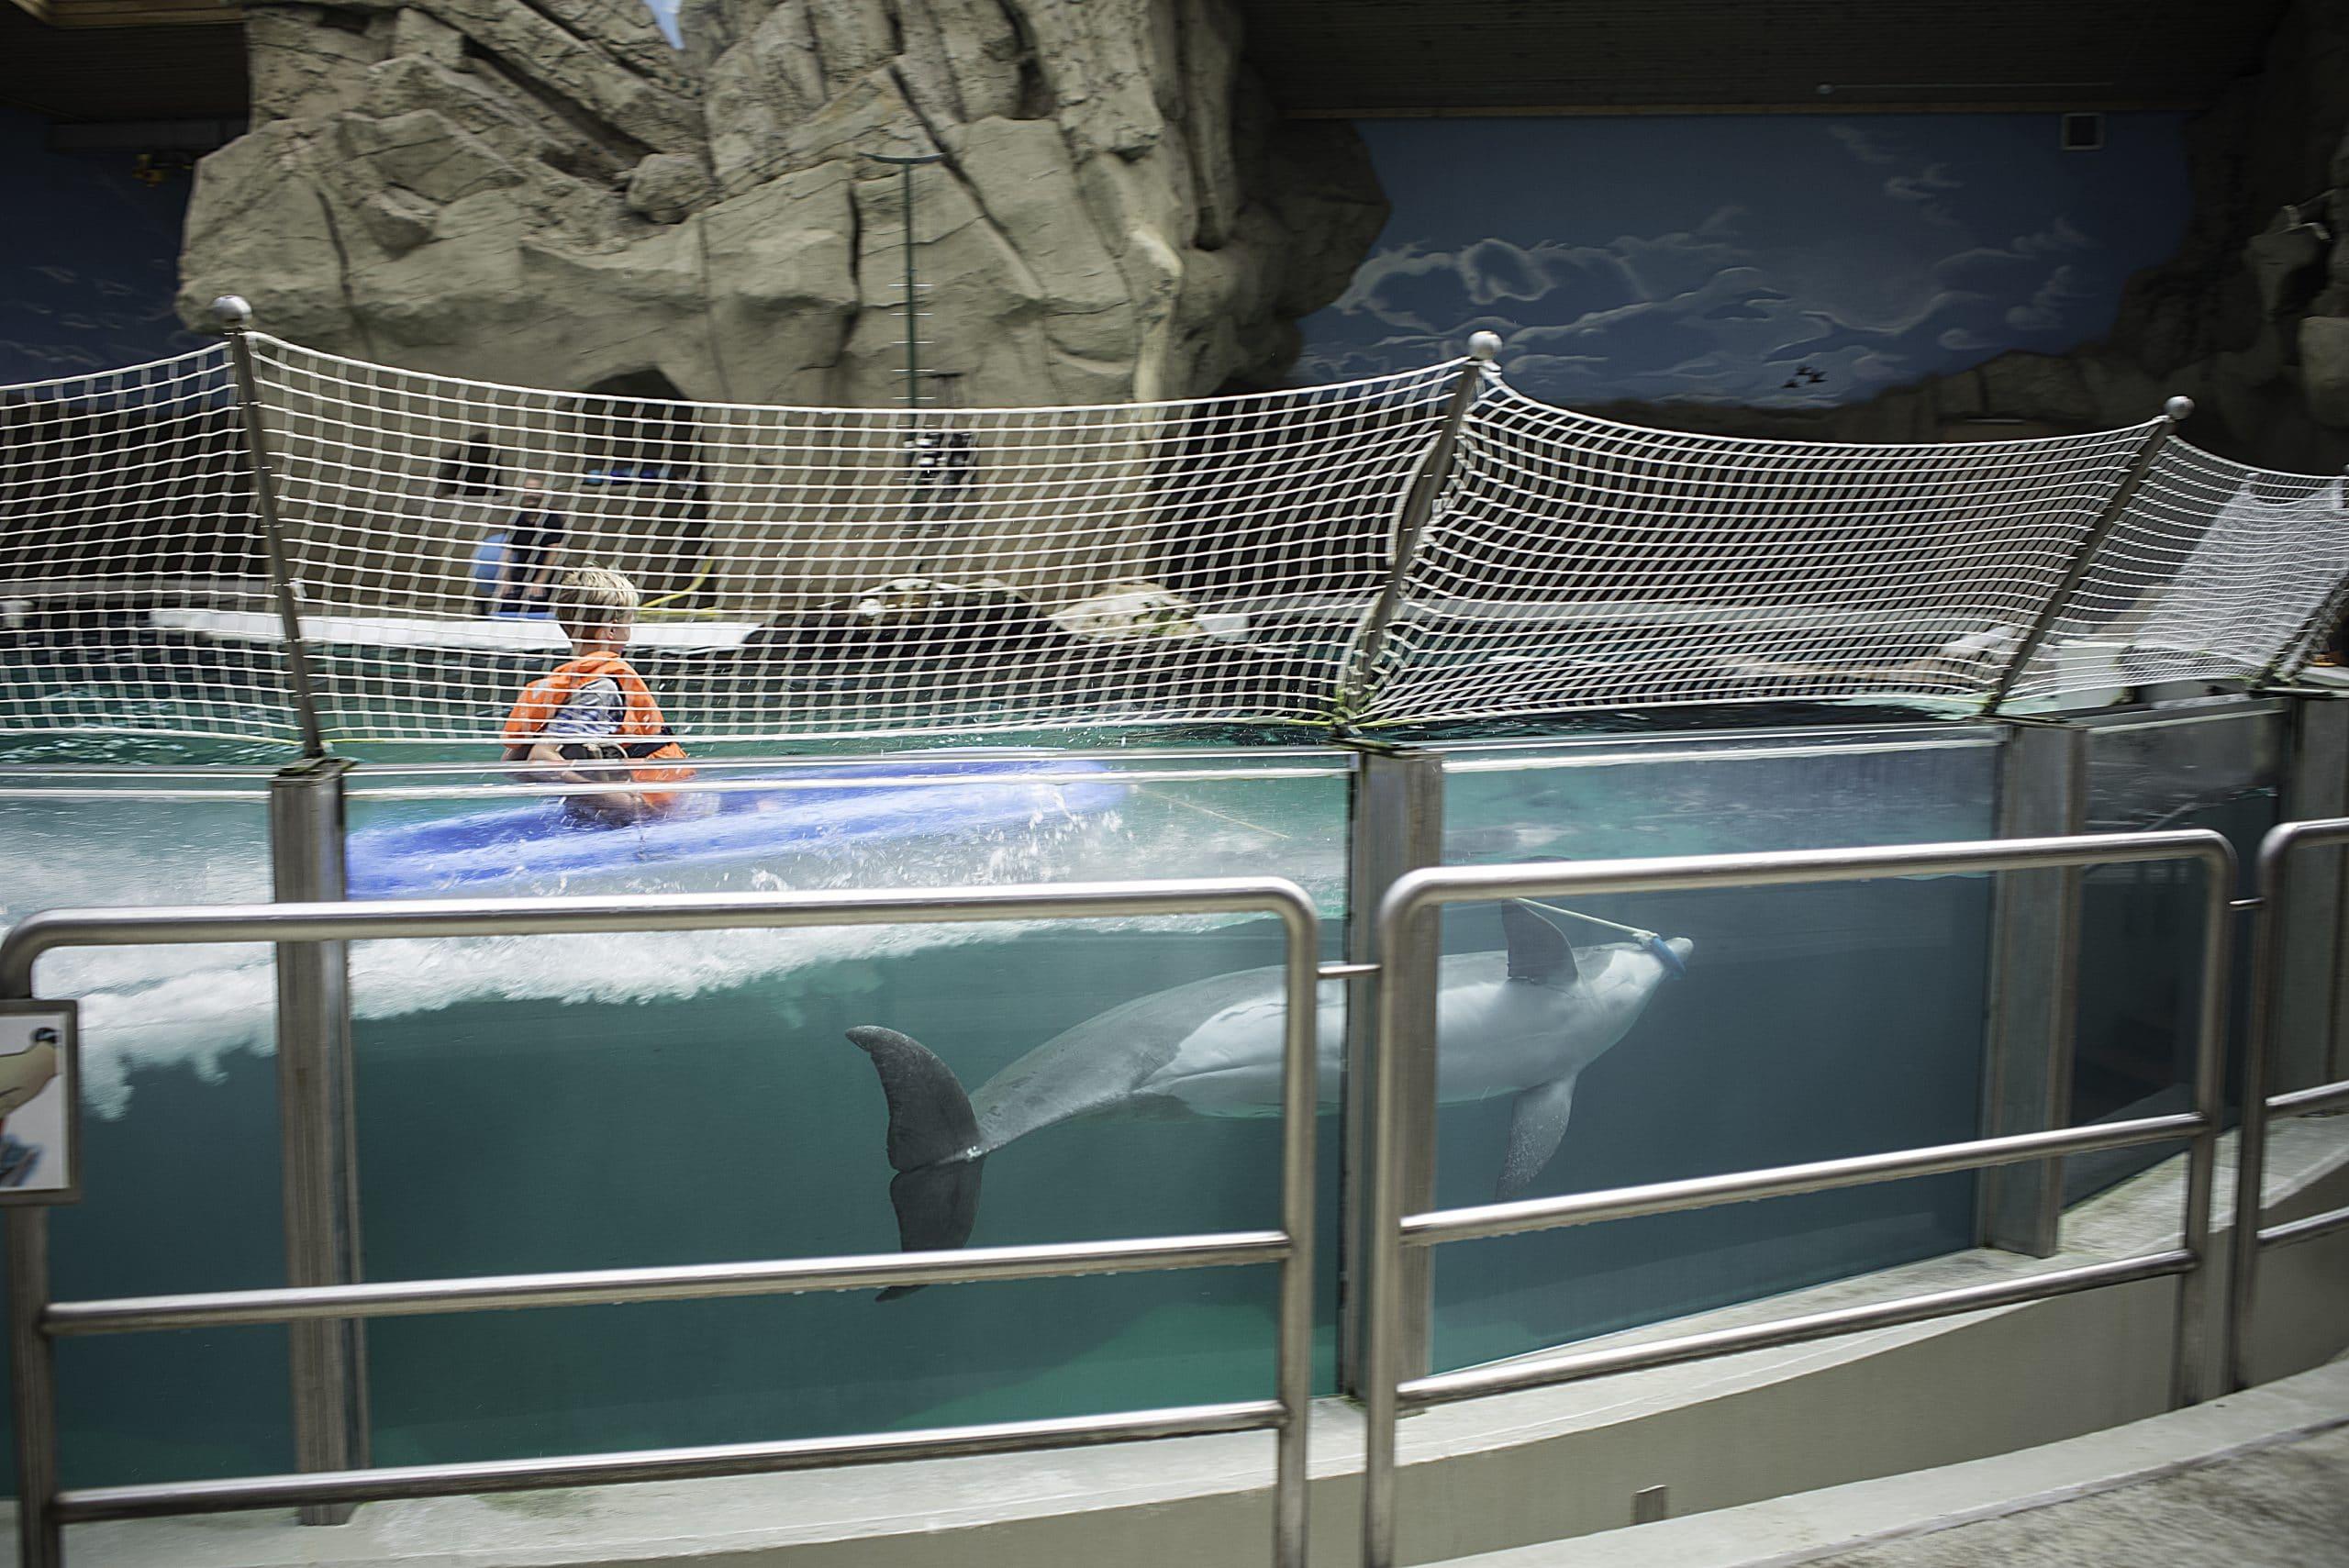 Delfinarium-Duisburg Kind wird von Delfin gezogen